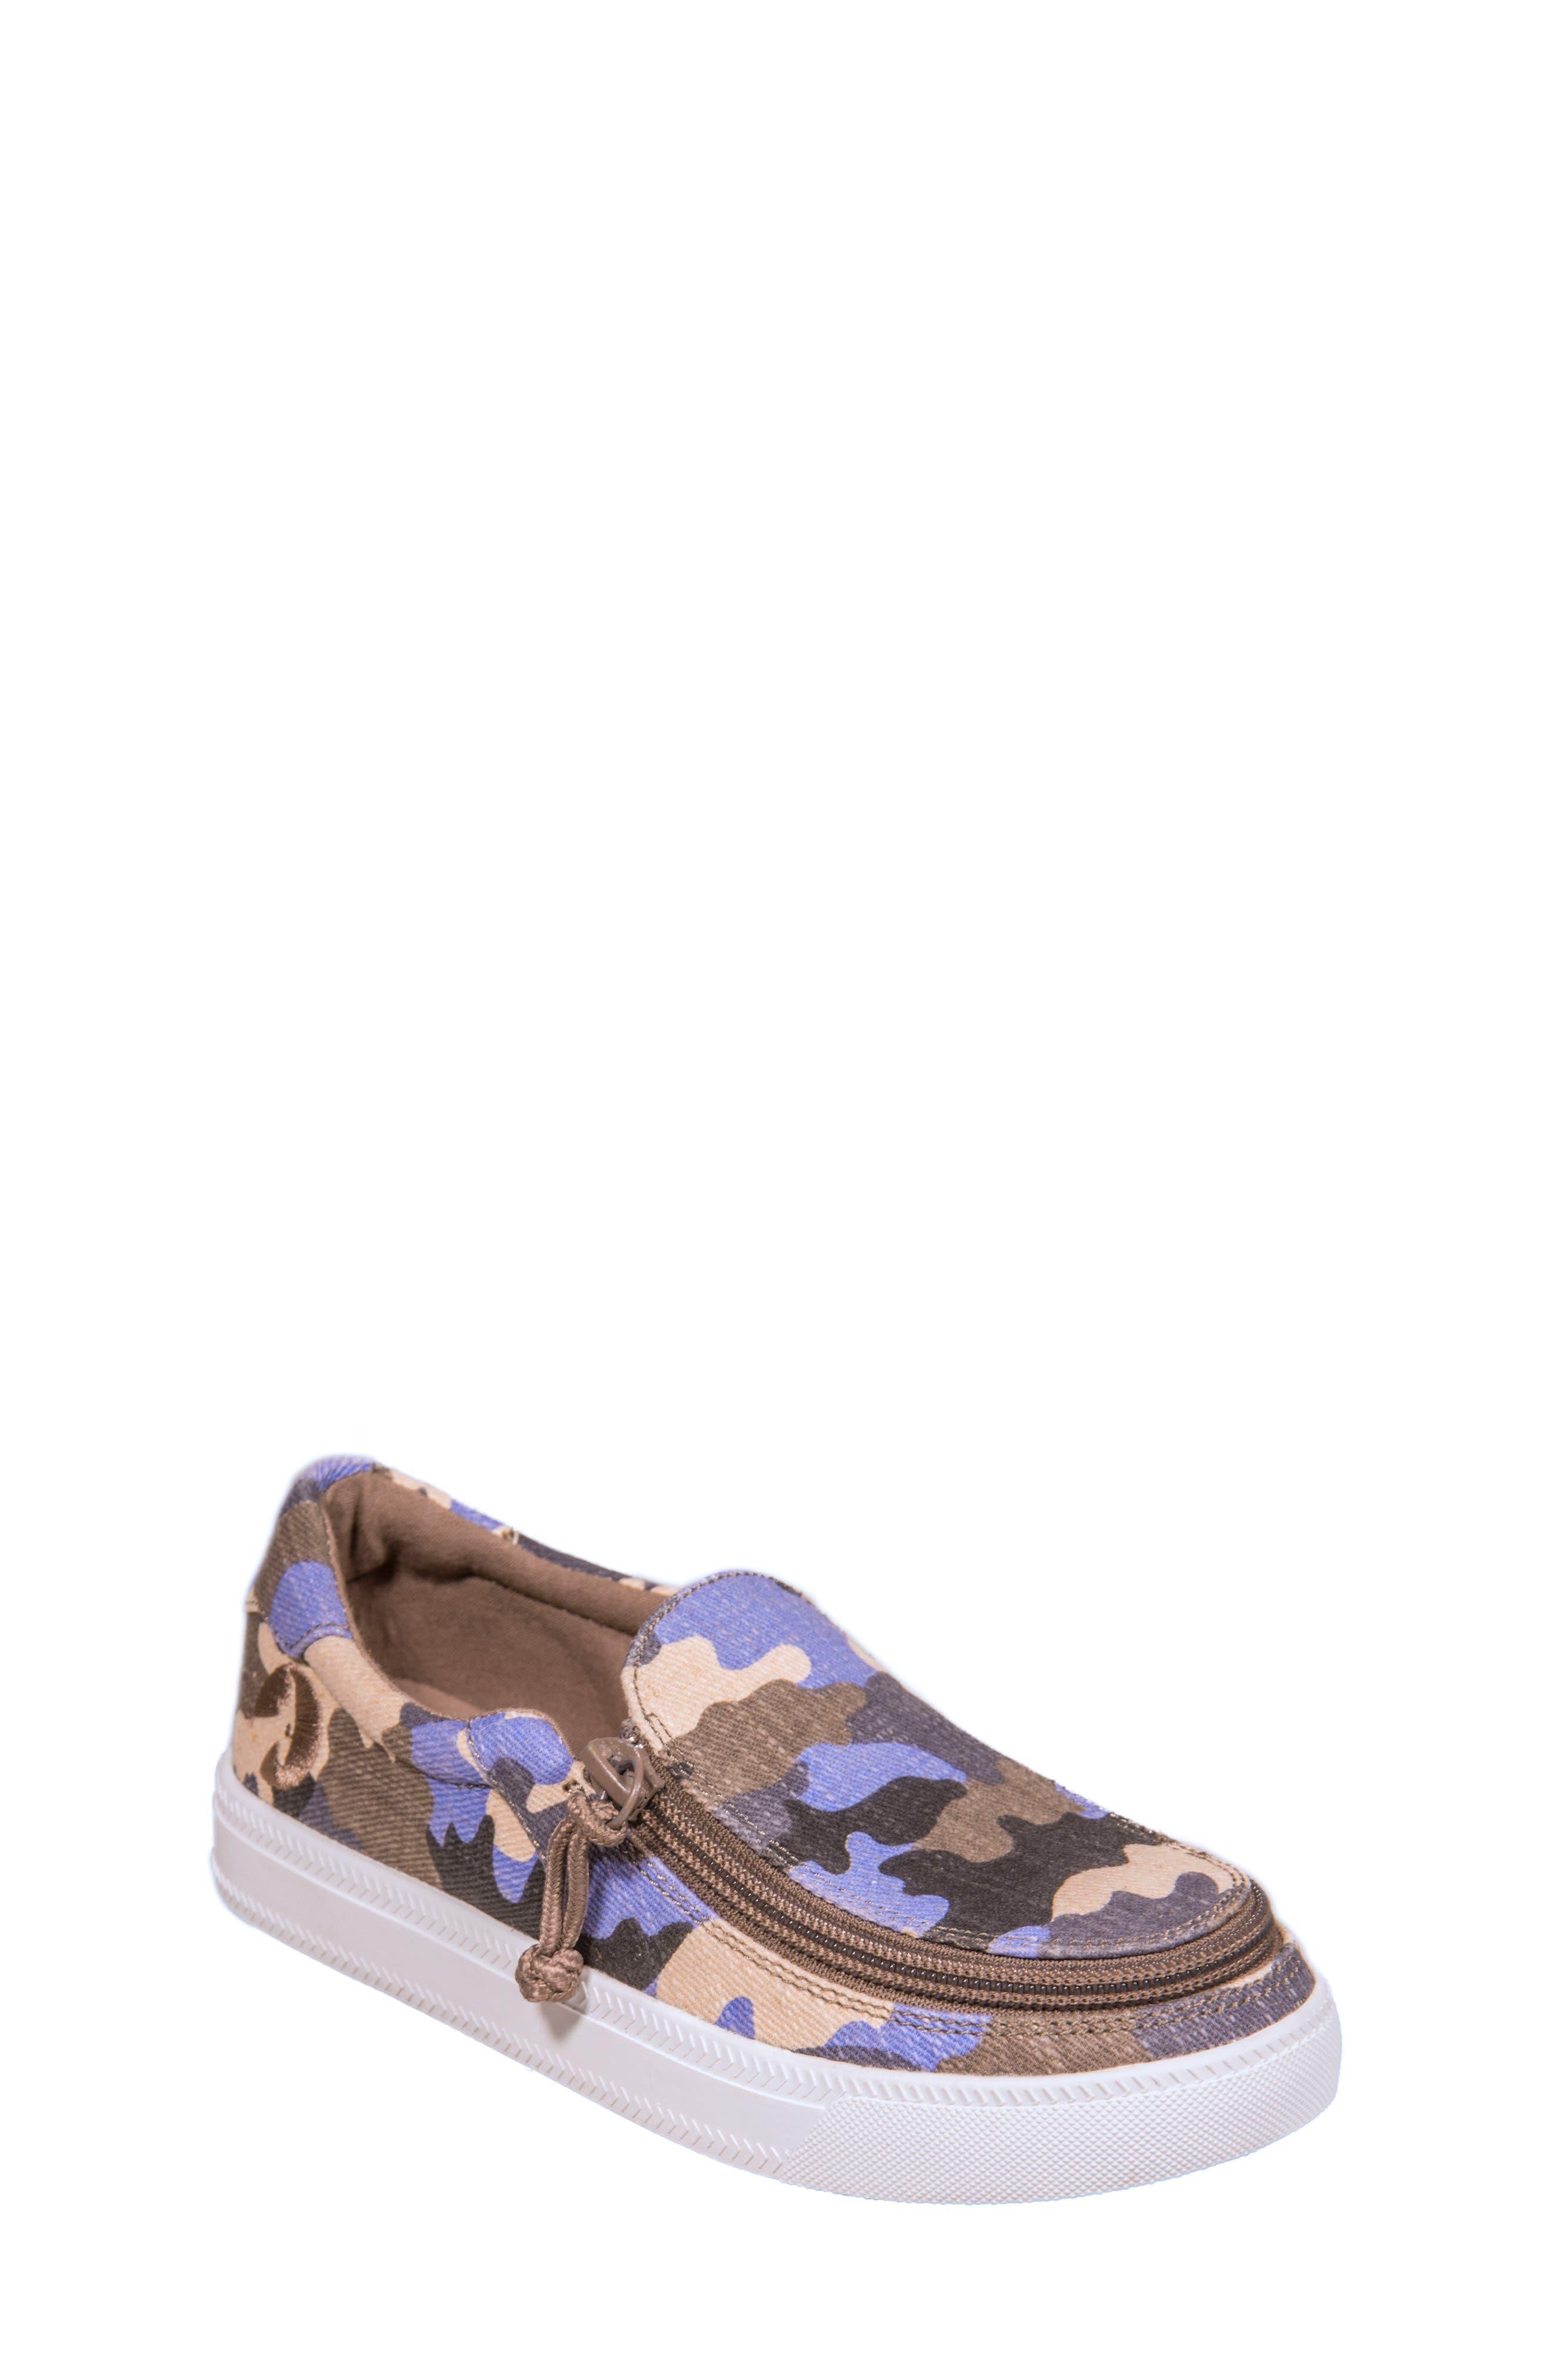 Main Image - BILLY Footwear Zip Around Low Top Sneaker (Toddler, Little Kid & Big Kid)